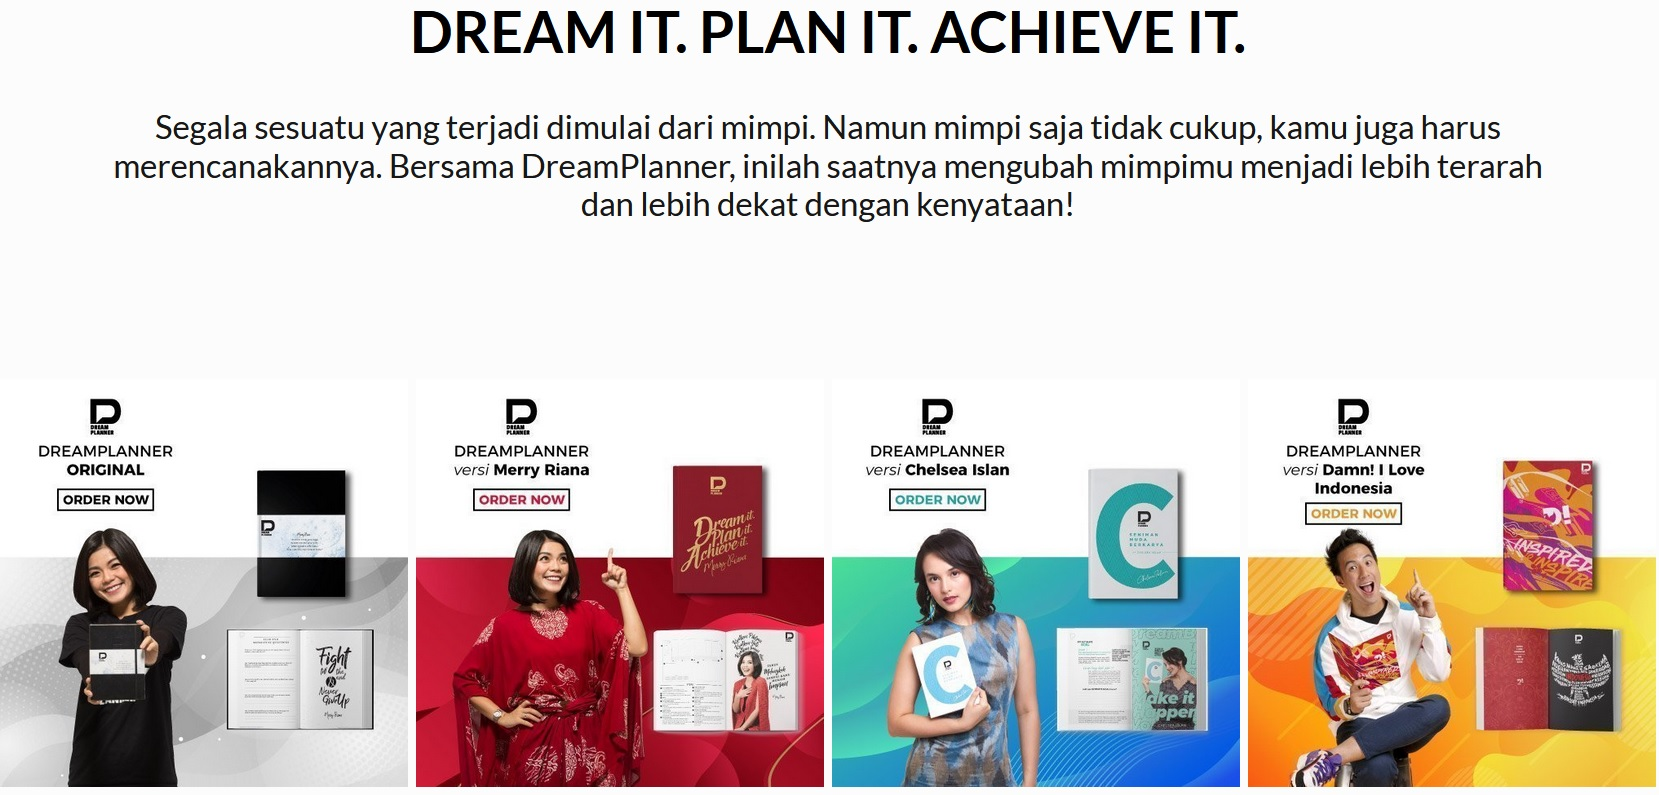 Buku Panduan Lengkap Mewujudkan Impian atau Cita-Cita - DreamPlanner